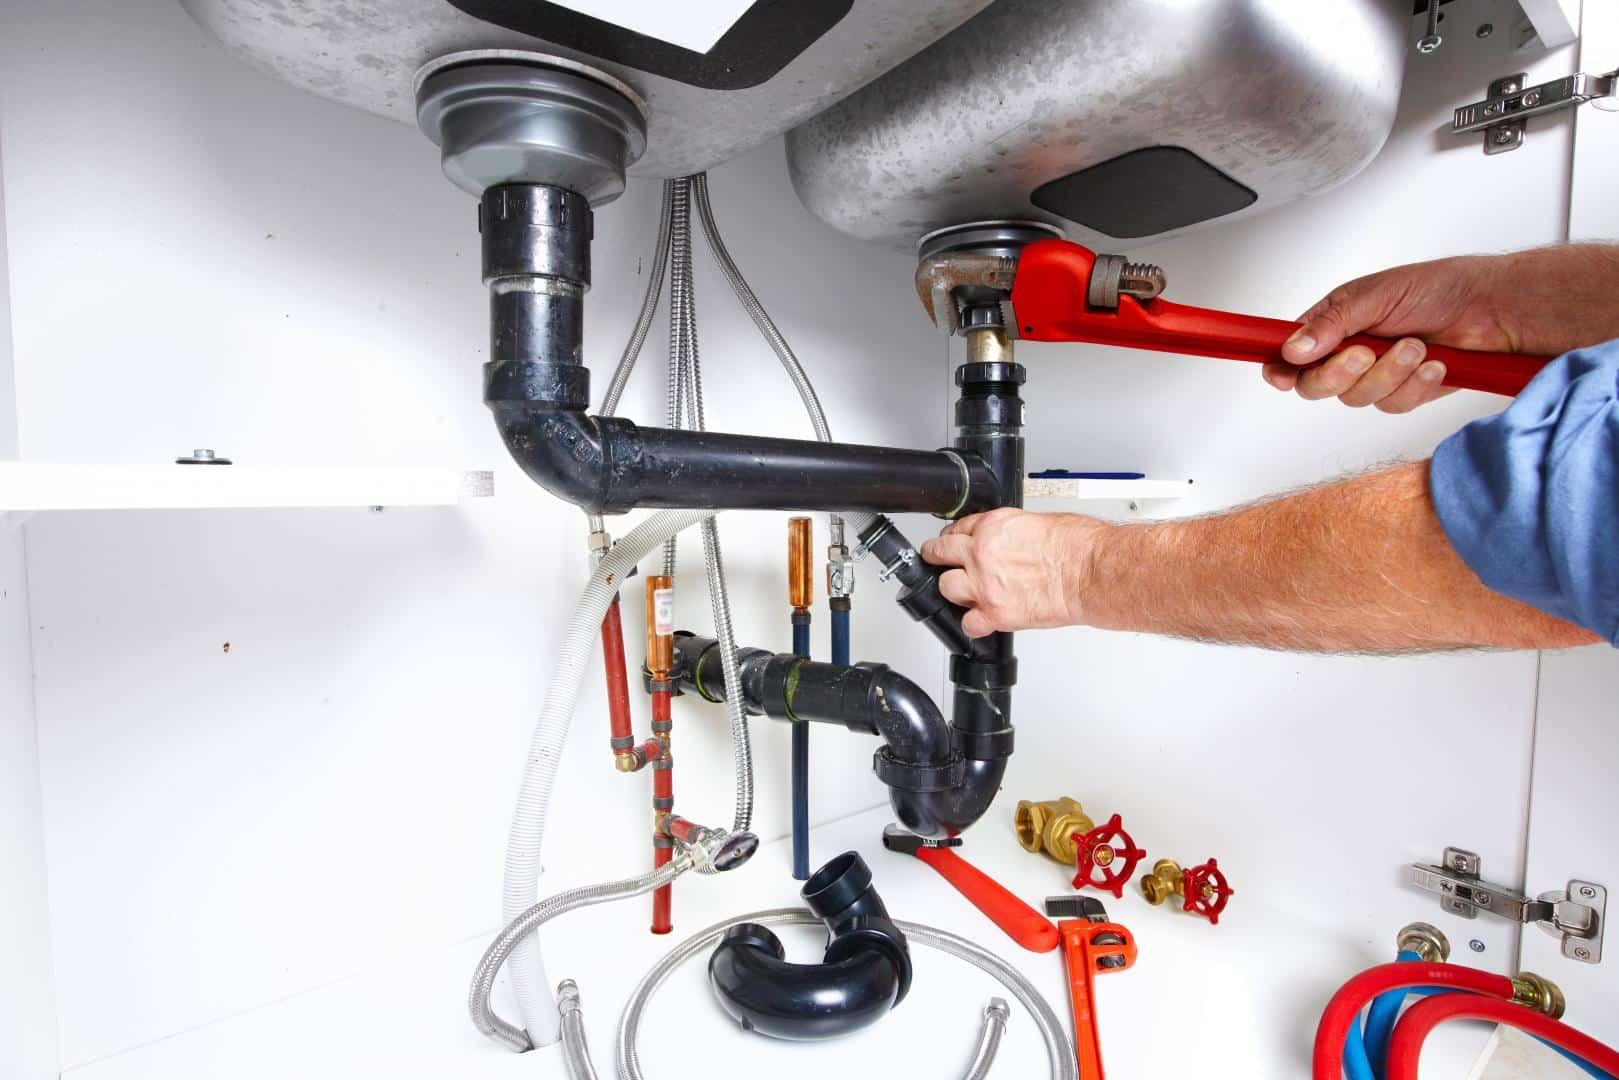 La réparation d'un problème de plomberie